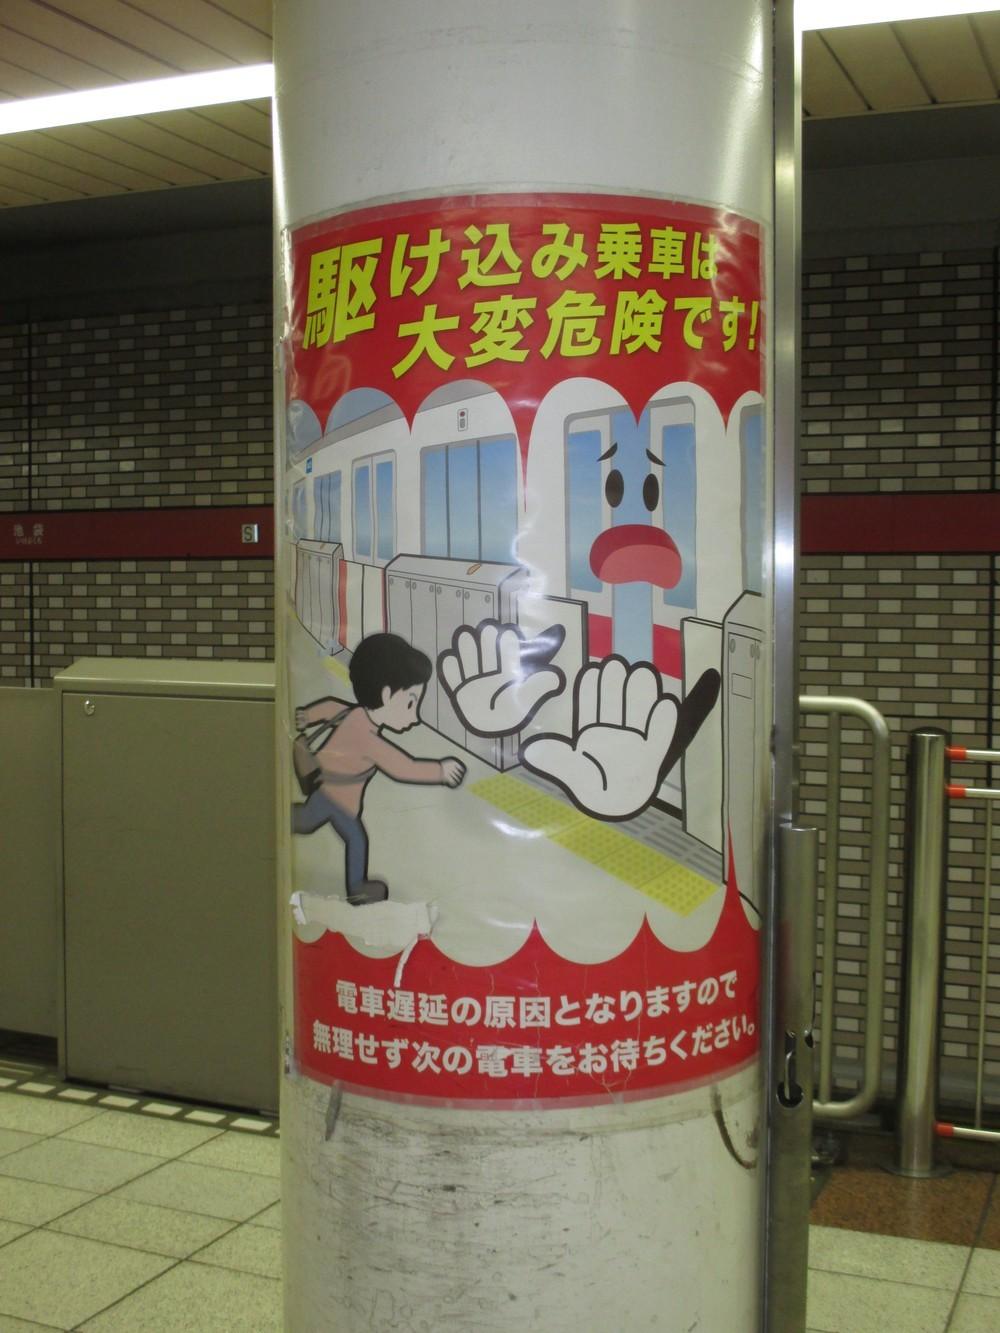 その37 駅での「お説教」アナウンス「こんなものいらない!?」(岩城元)